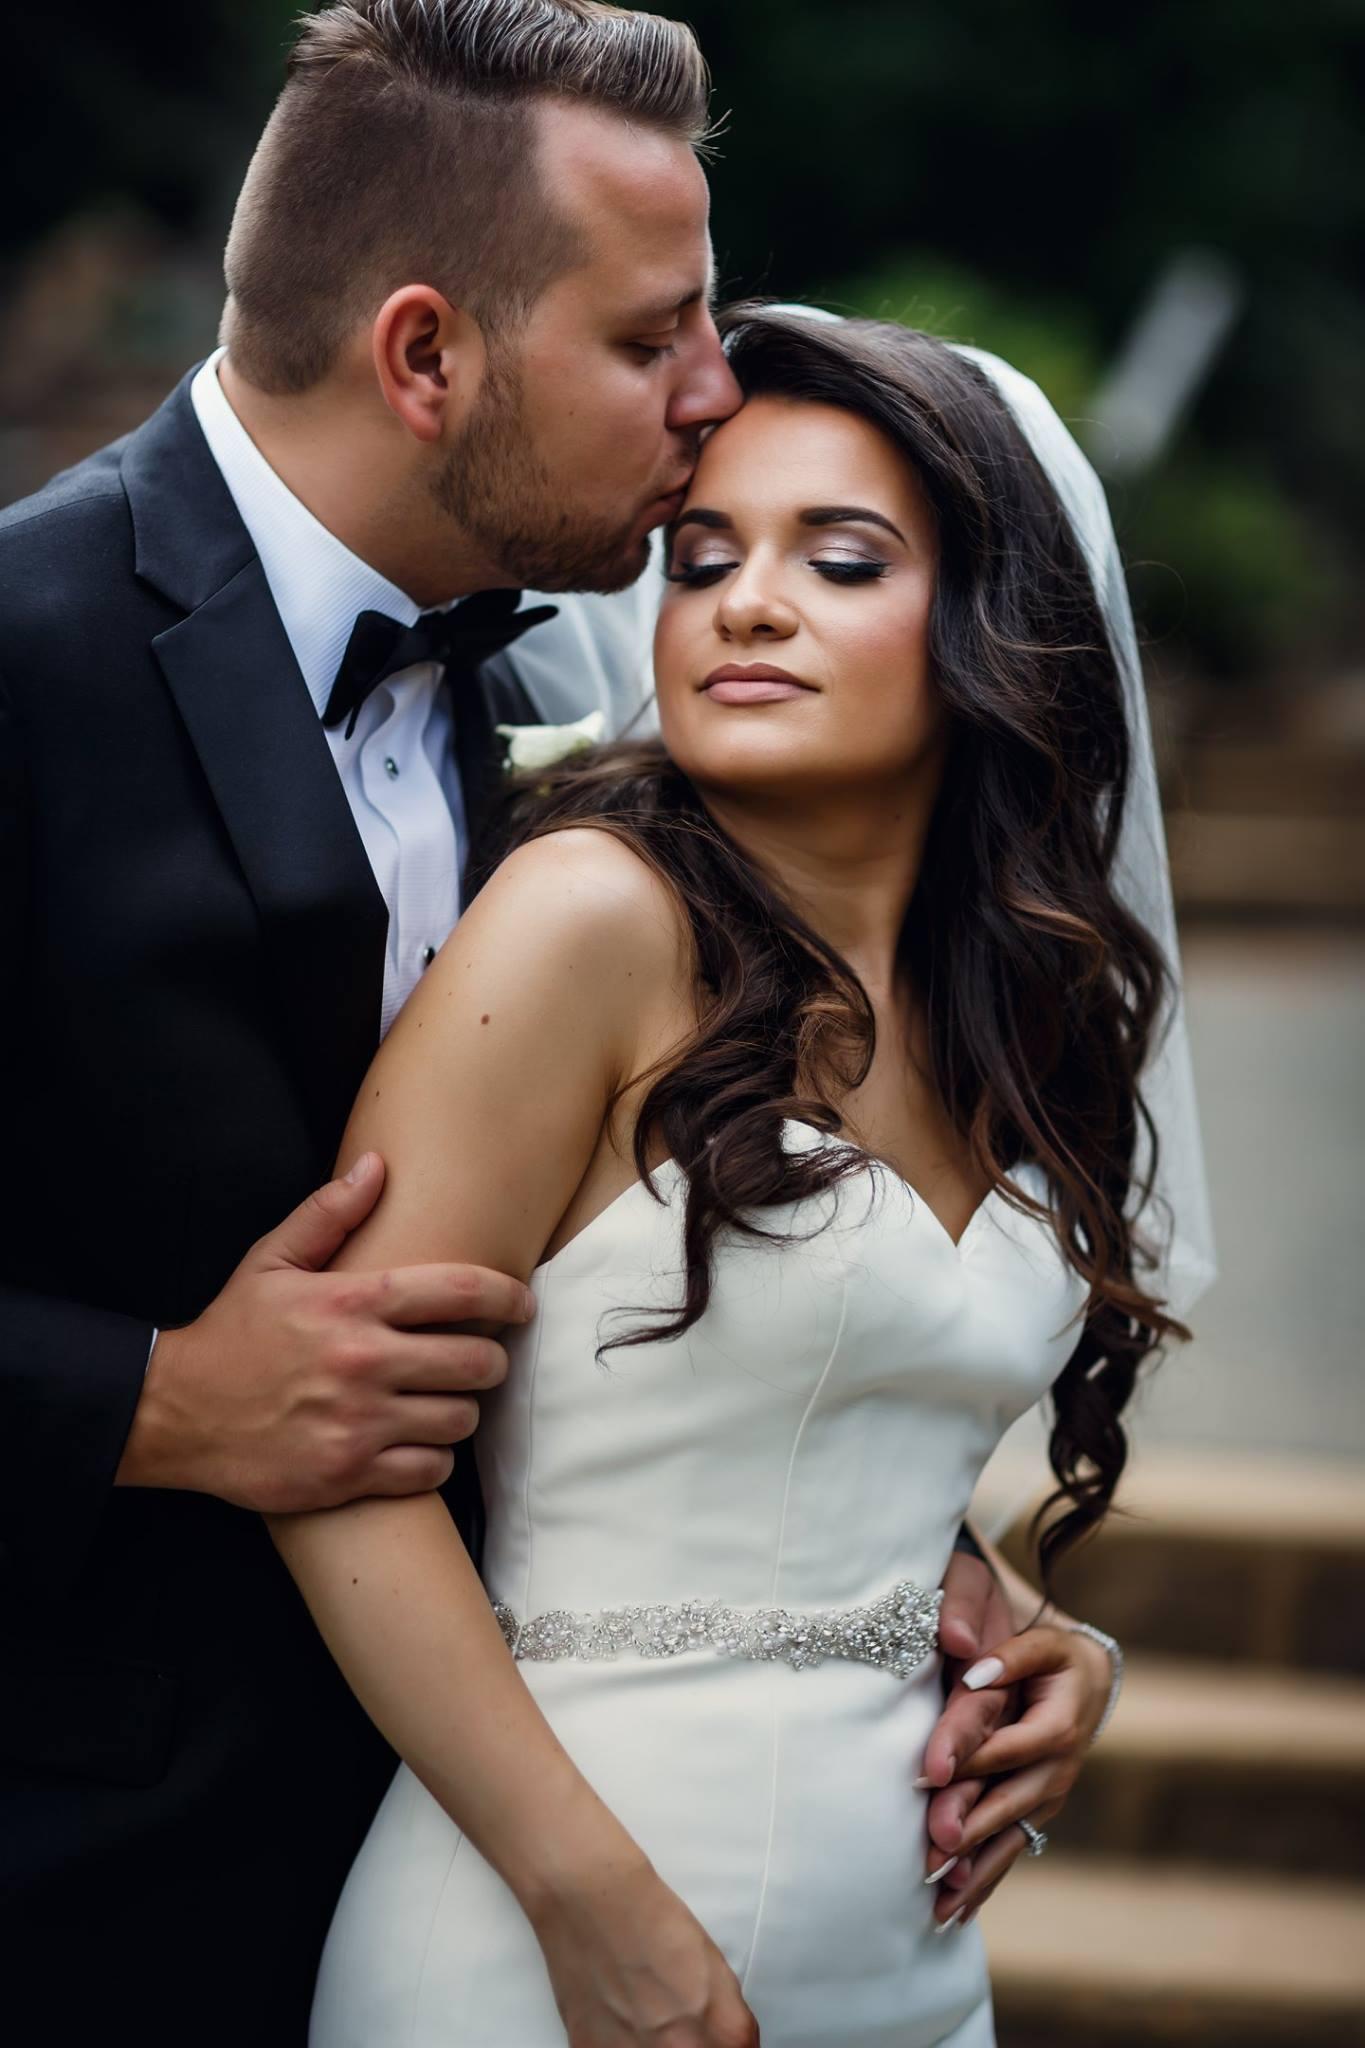 zajac photography wedding 21